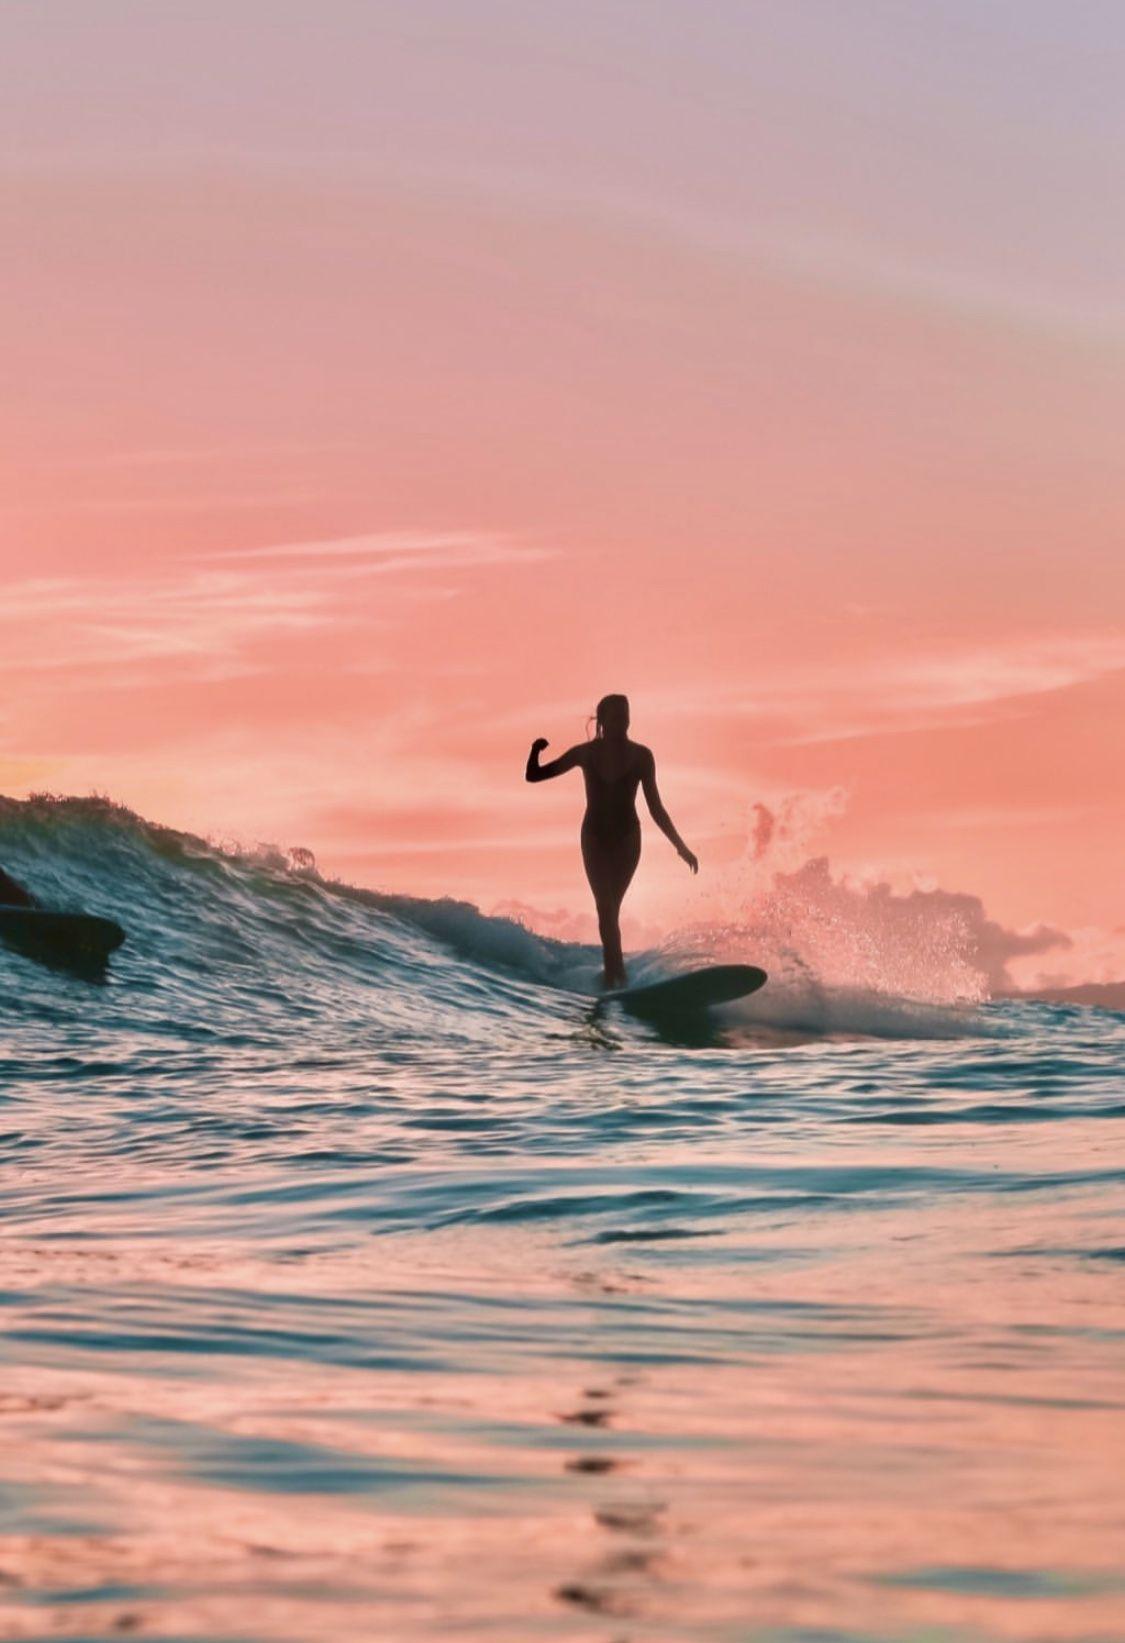 SURFING PINK